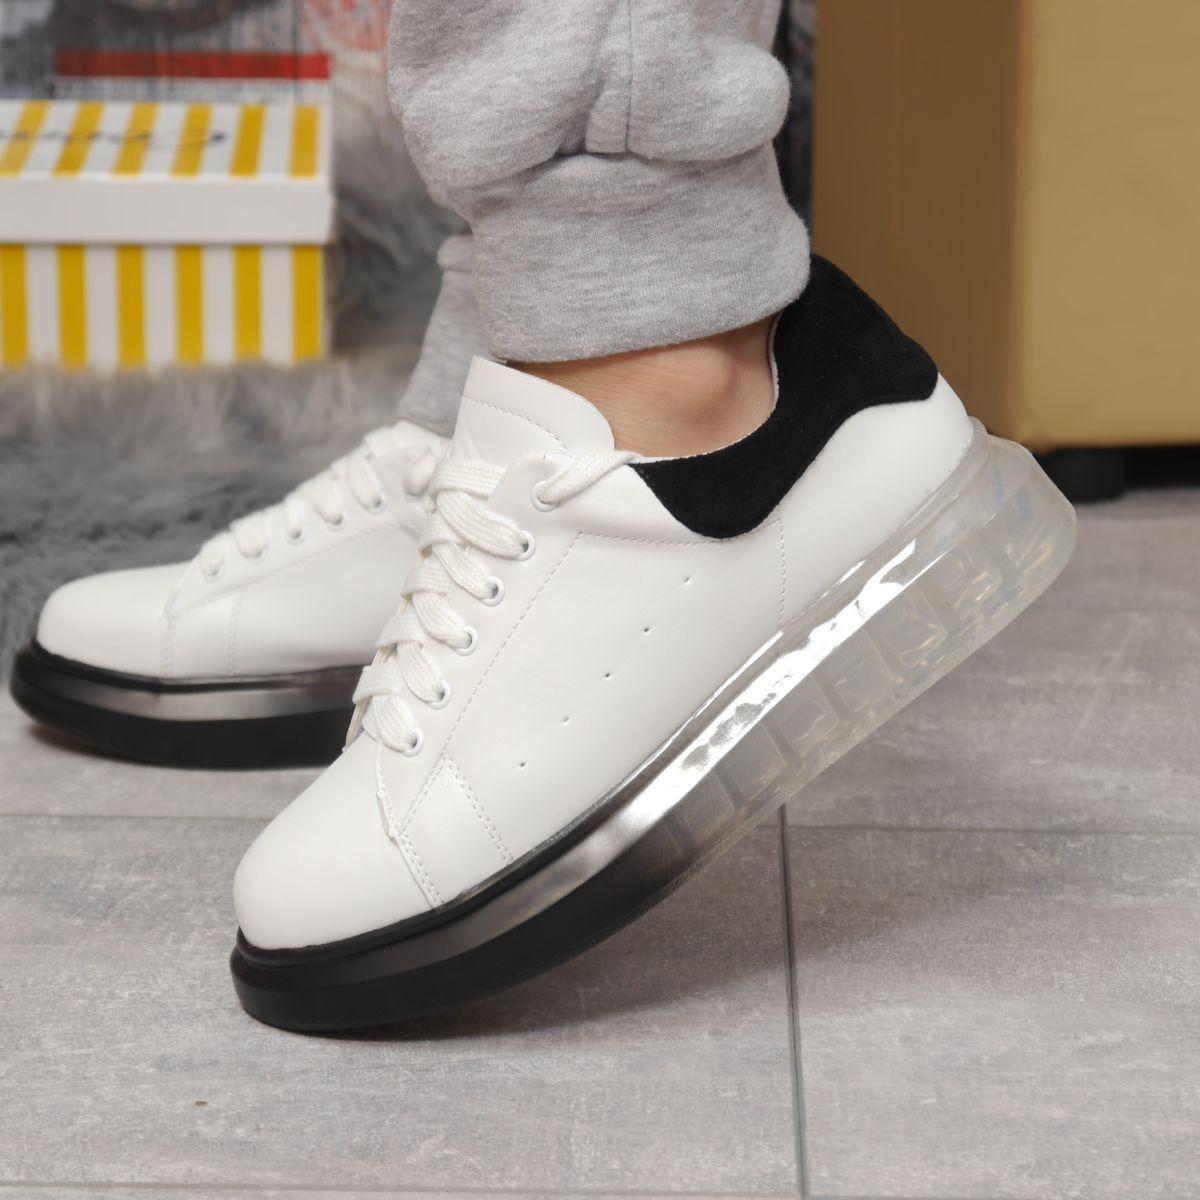 Кросівки жіночі 17161, MkQueen, білі, [ 36 37 38 39 40 ] р. 36-23,5 див.